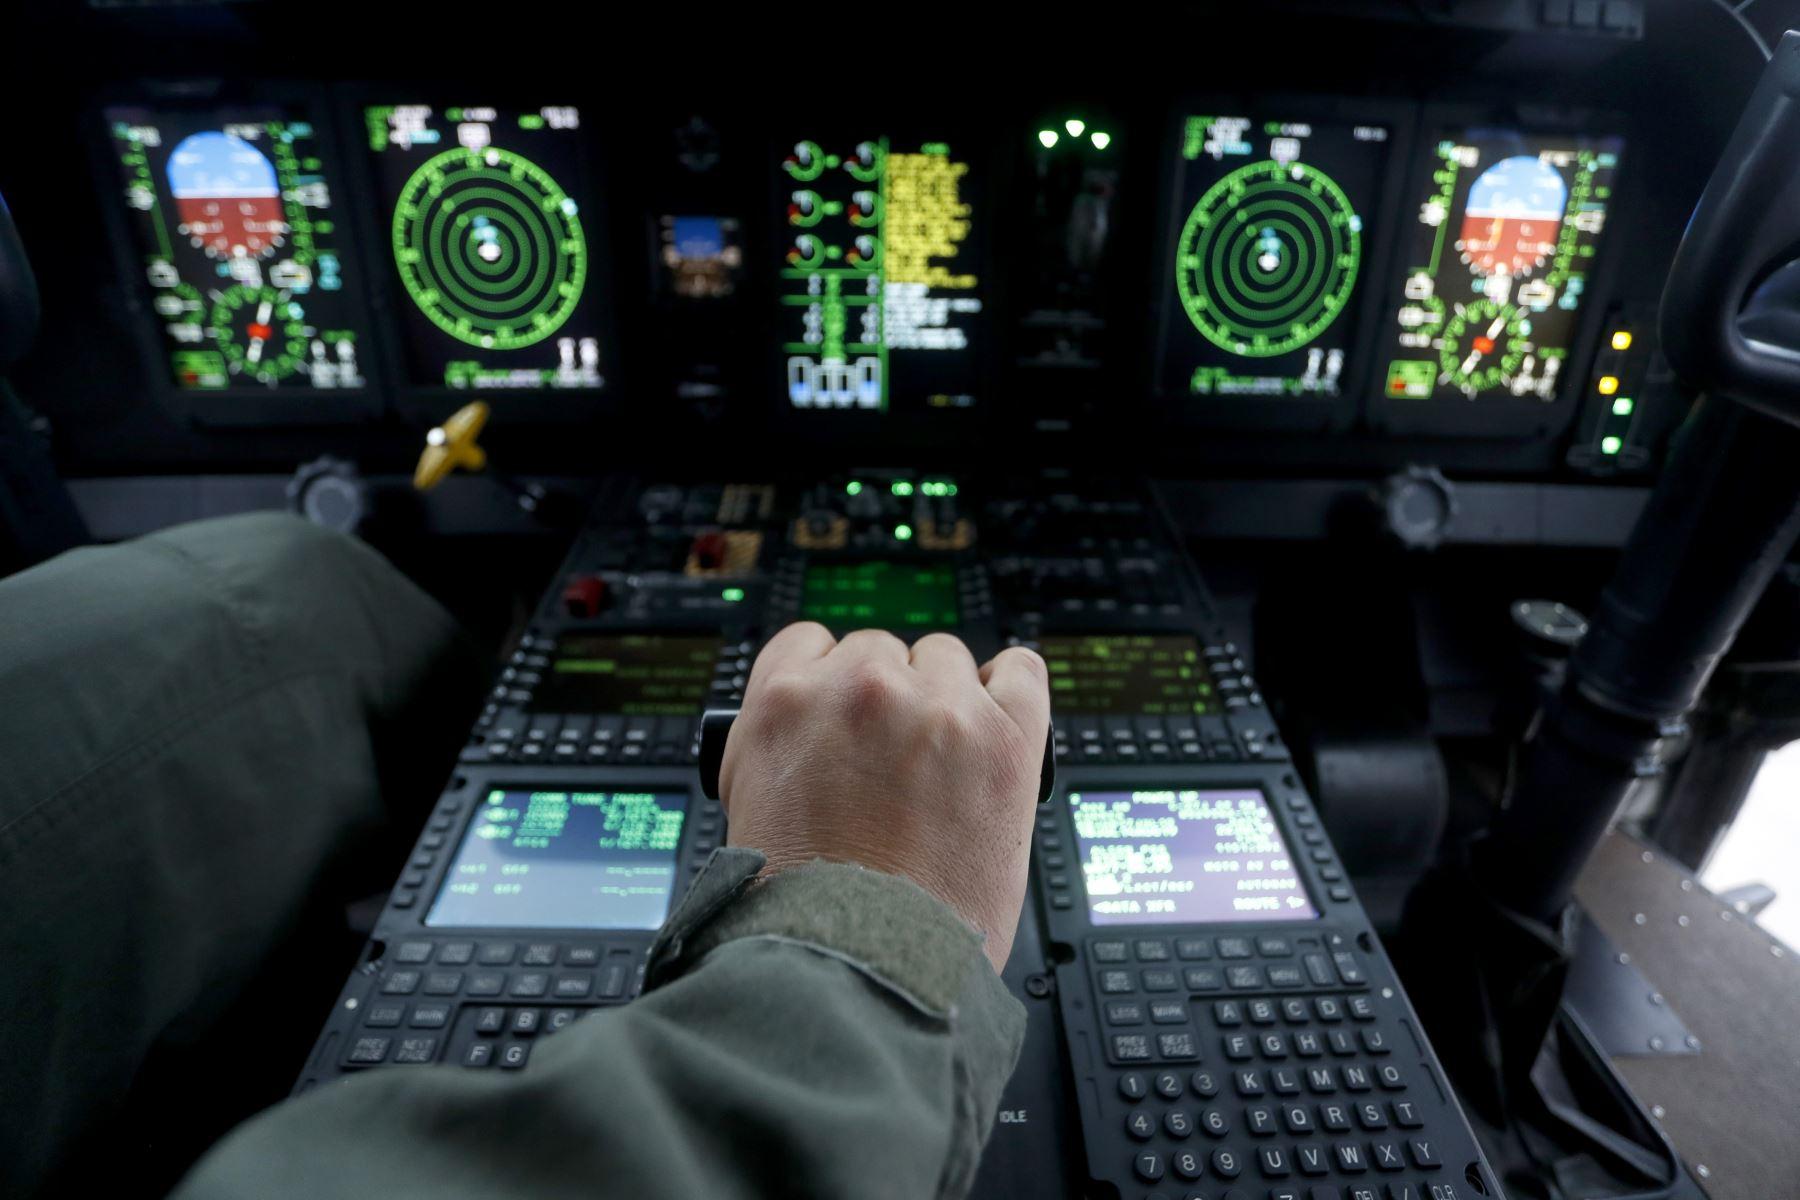 La Fuerza Aérea muestra la moderna aeronave C27J Spartan cumple como defensa nacional, pero en tiempo de paz contribuye brindando servicio de transporte de personas, carga, apoyo logístico, y sobre todo de ayuda en casos de emergencias. Foto: ANDINA/Josue Ramos